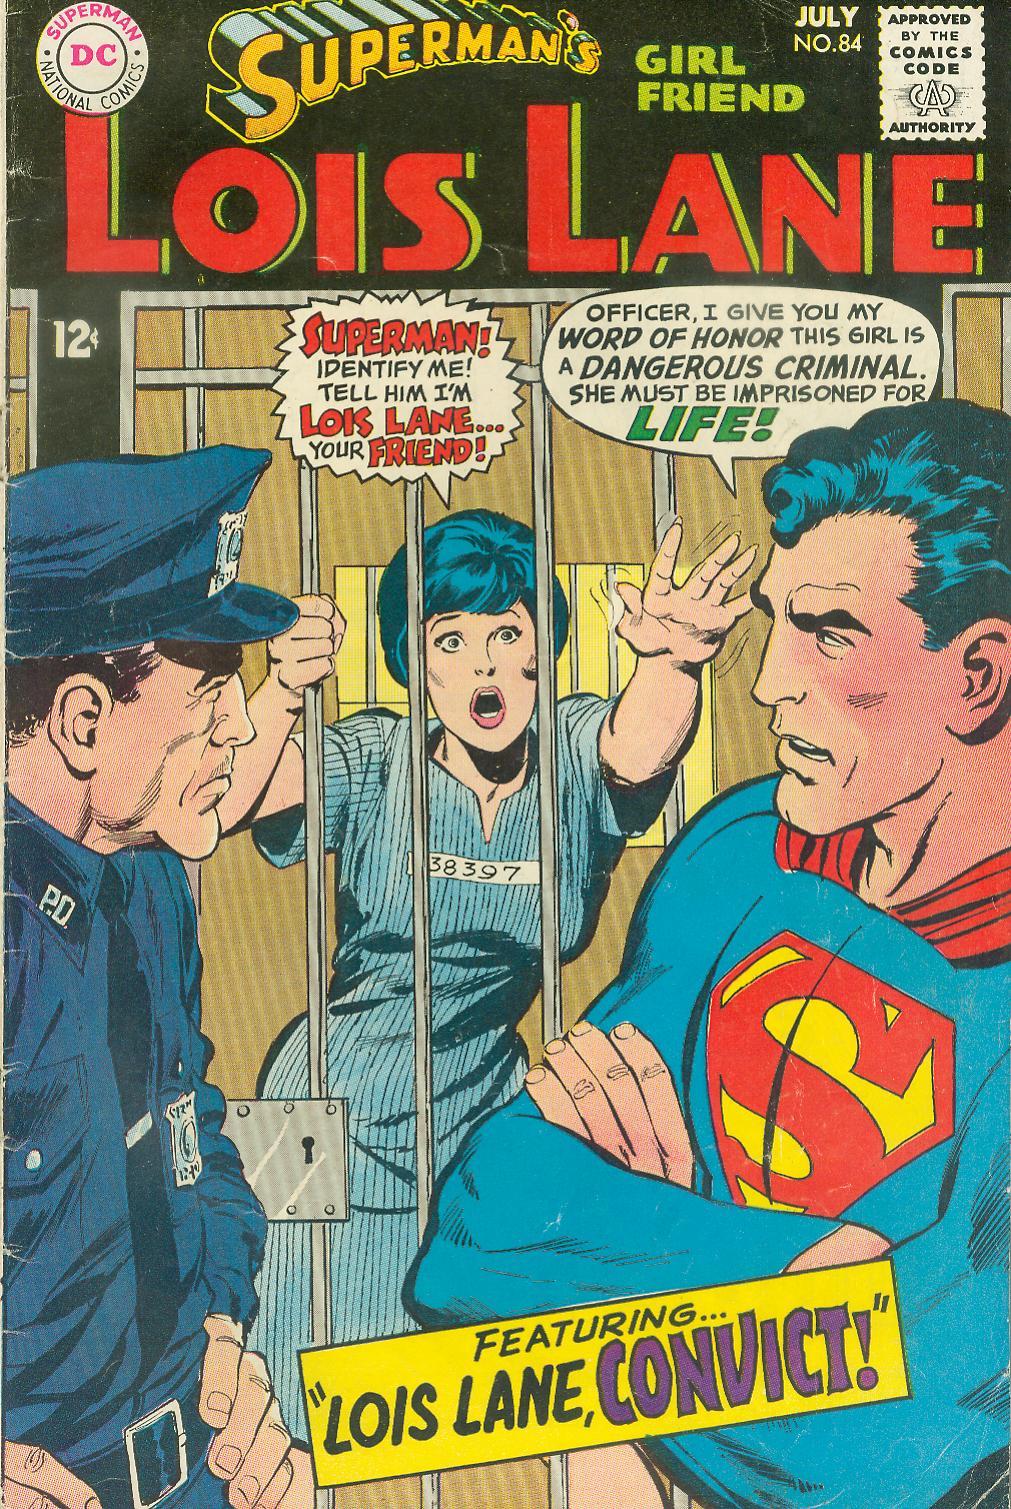 Supermans Girl Friend, Lois Lane 84 Page 1